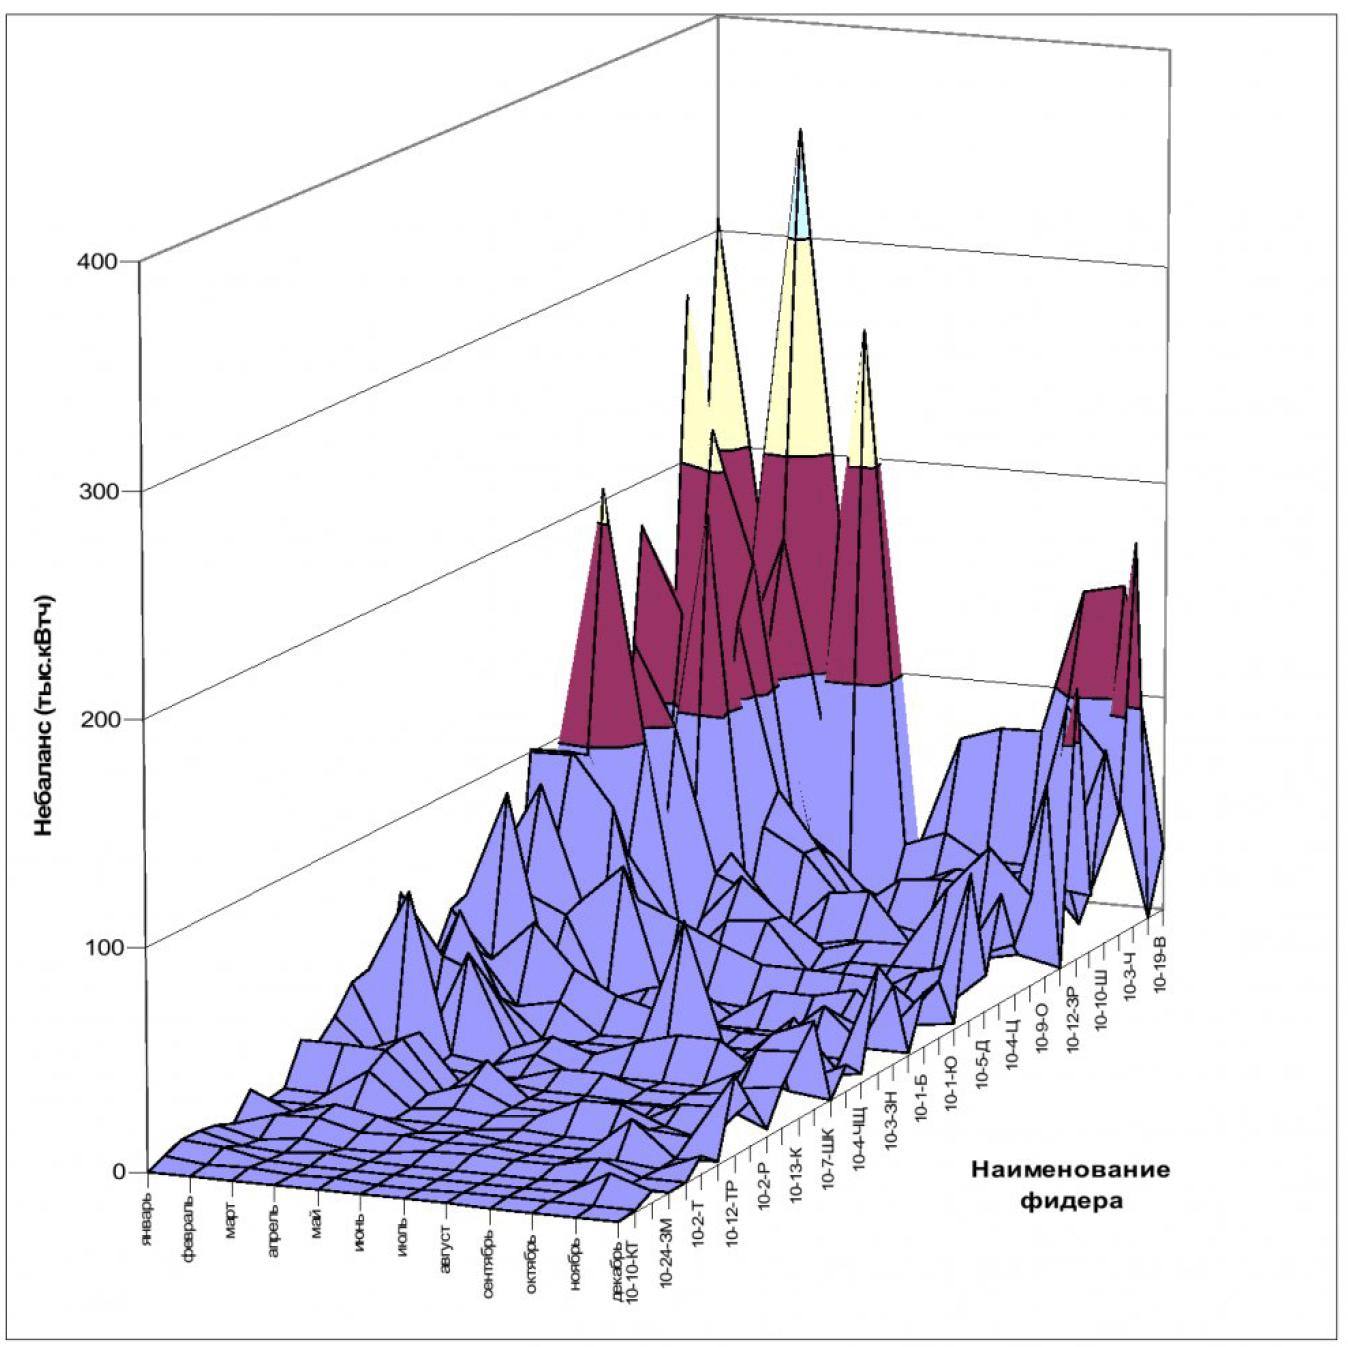 Анализ небалансов электроэнергии в распределительных сетях напряжением 10 кВ и критерии их оценки 5